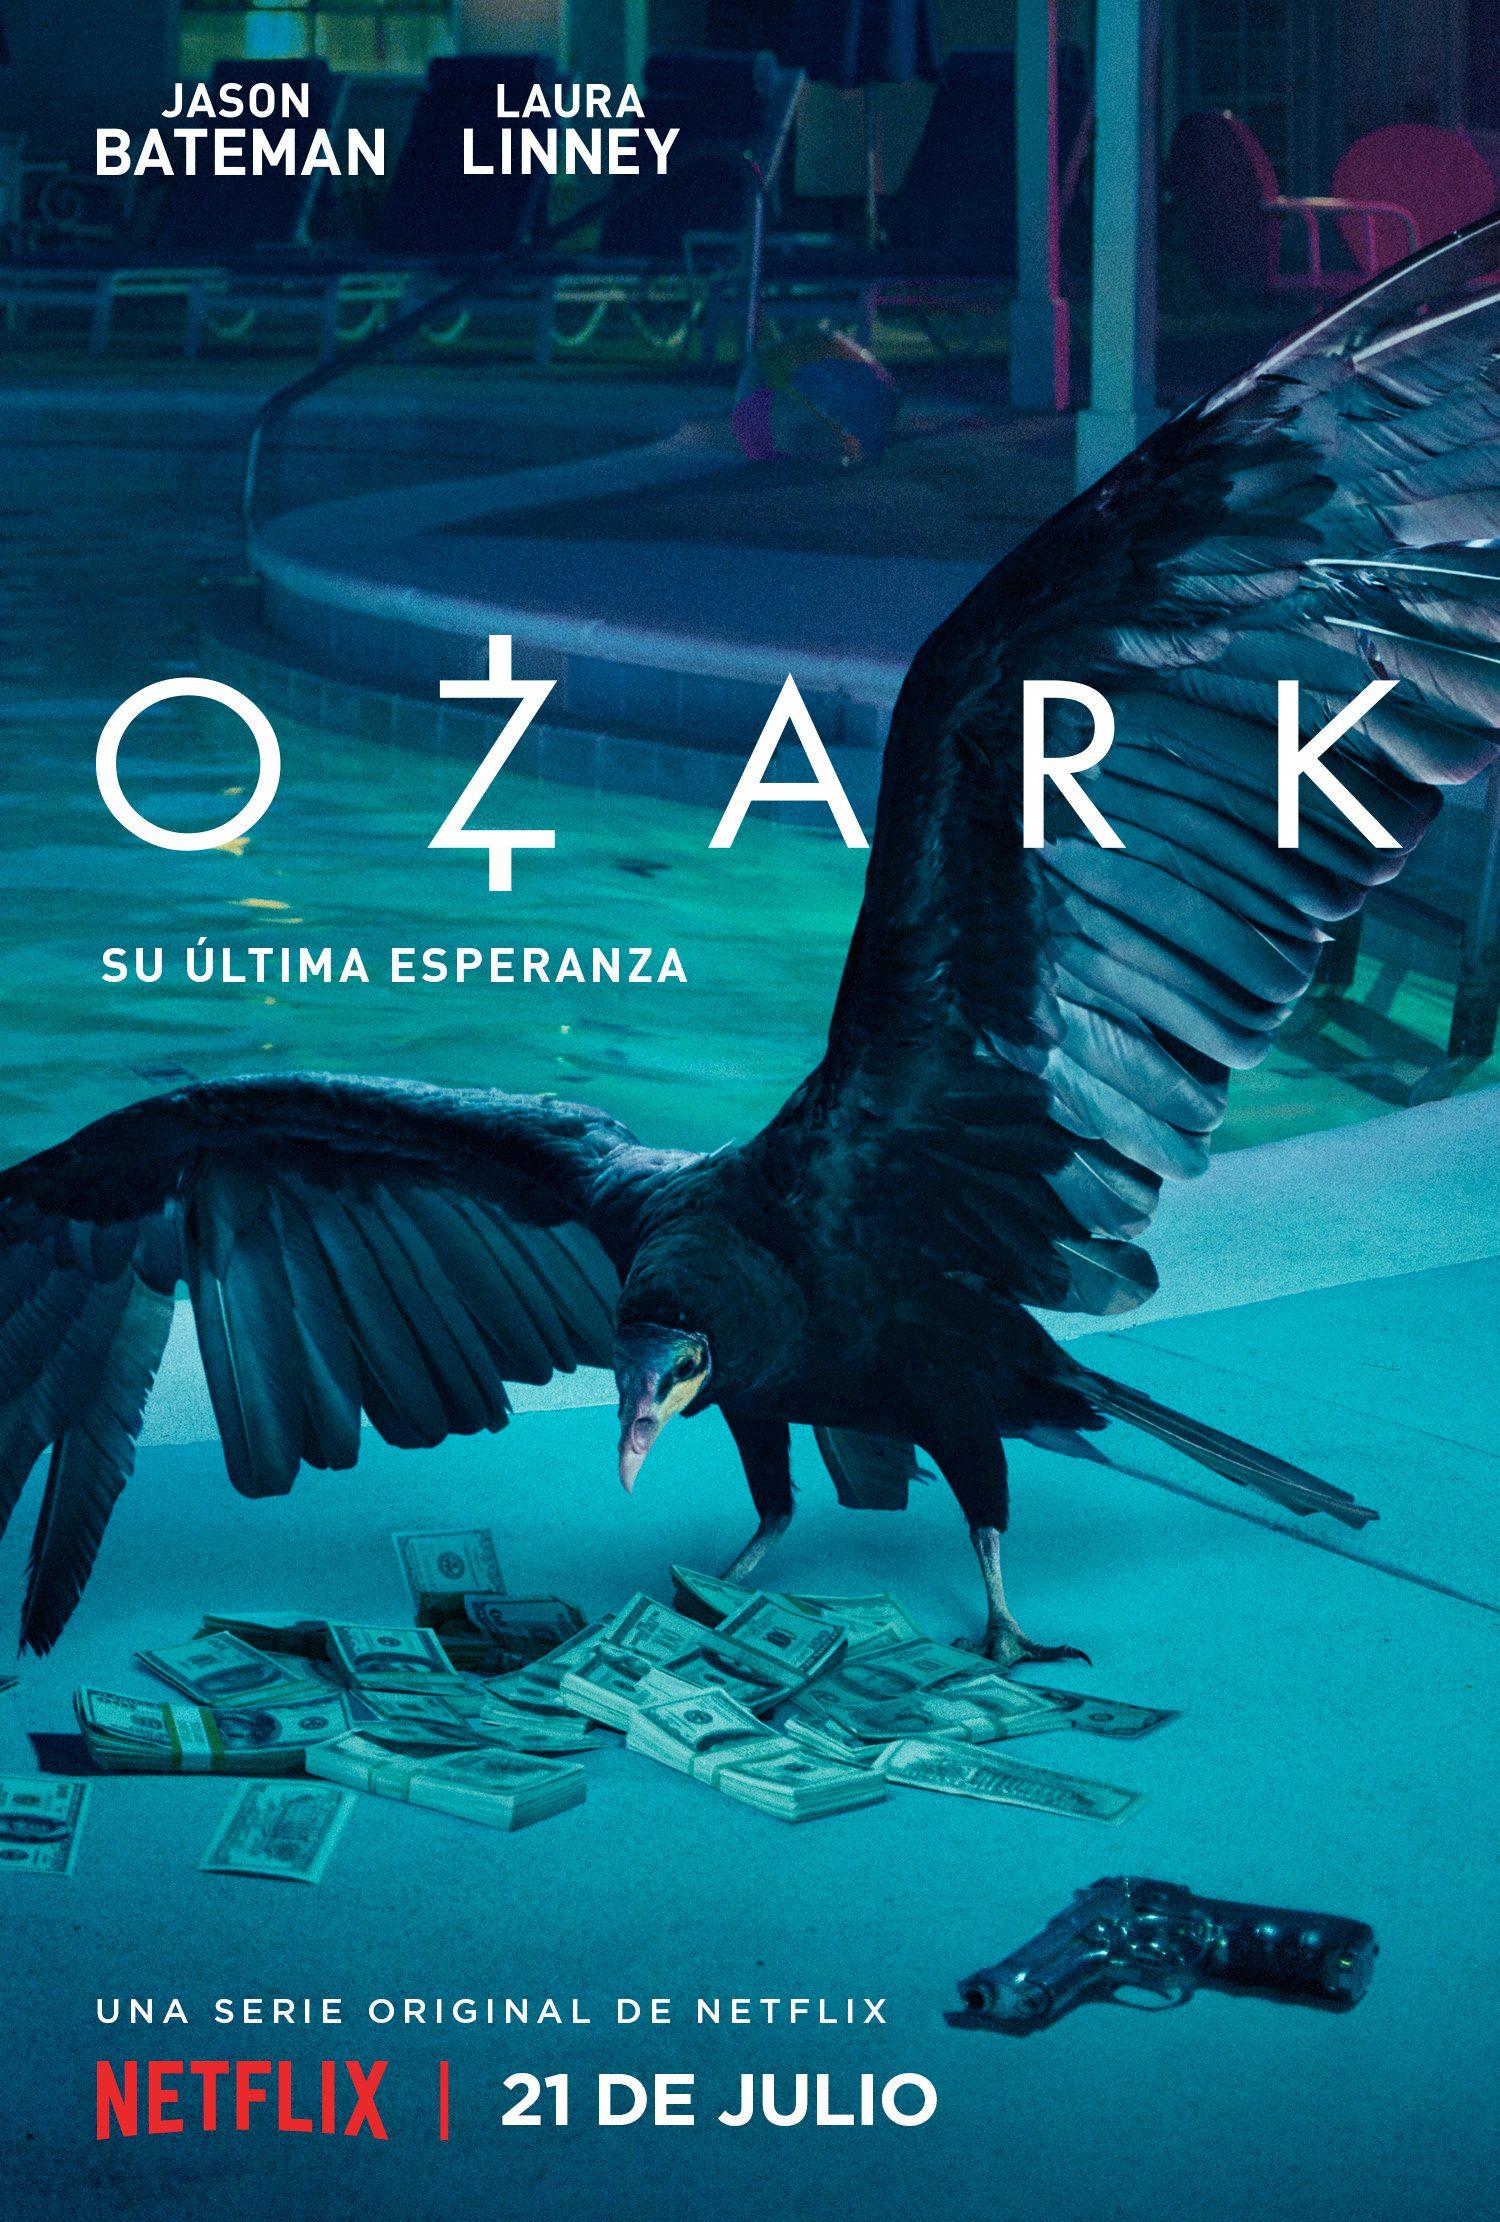 'Ozark' presenta su póster y tráiler, el 21 de julio en Netflix • En tu pantalla